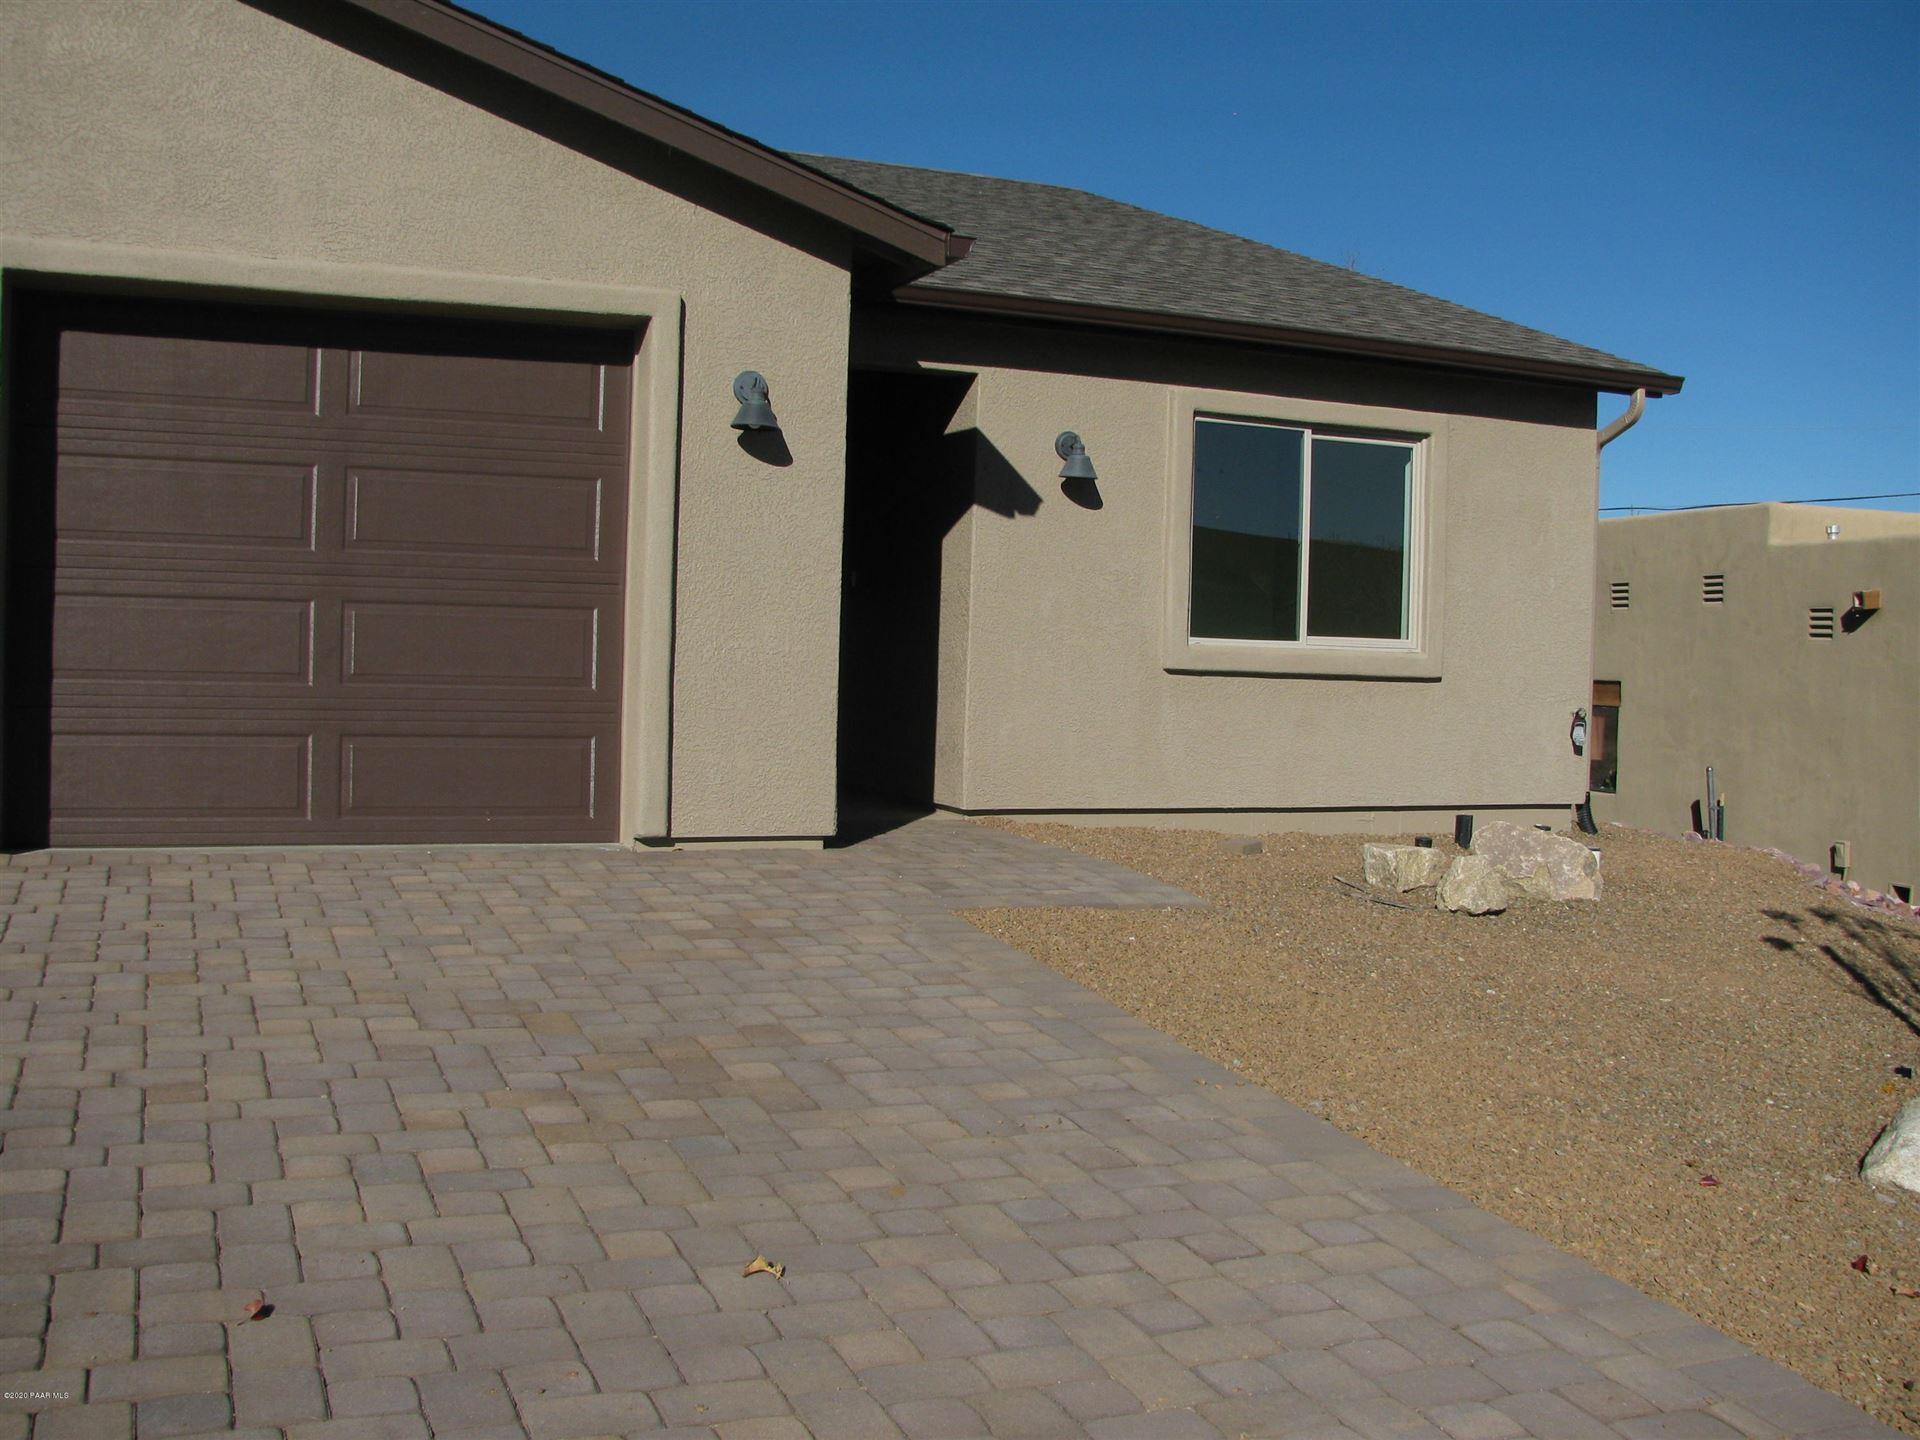 Photo of 3894 N Tani Road #Lot: 3256, Prescott Valley, AZ 86314 (MLS # 1040441)